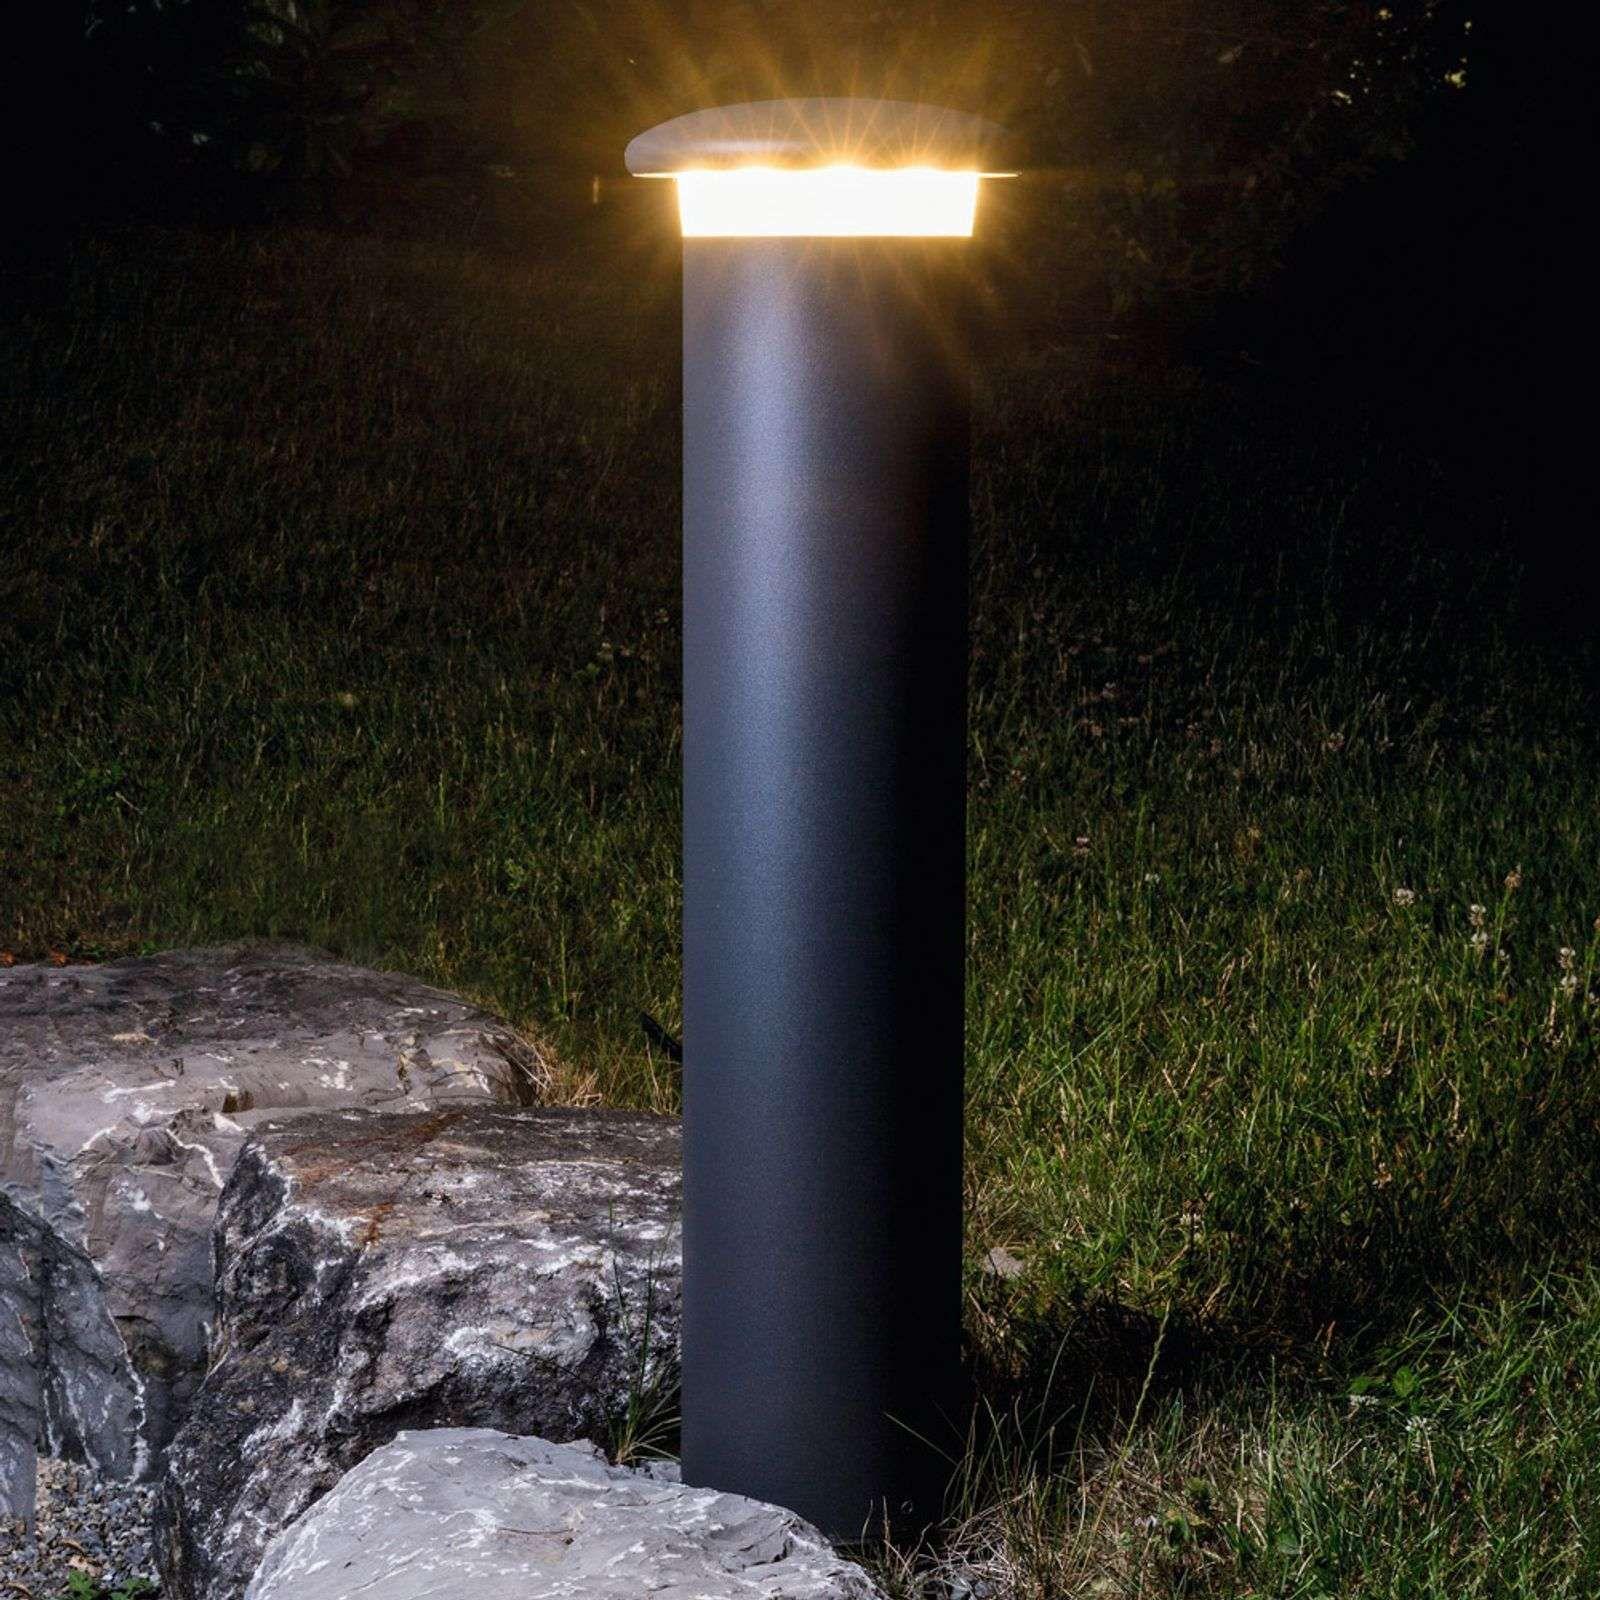 Ip54 Led Tuinpadverlichting Hercules Van Heitronic In 2020 Buitenlampen Buitenverlichting Verlichting